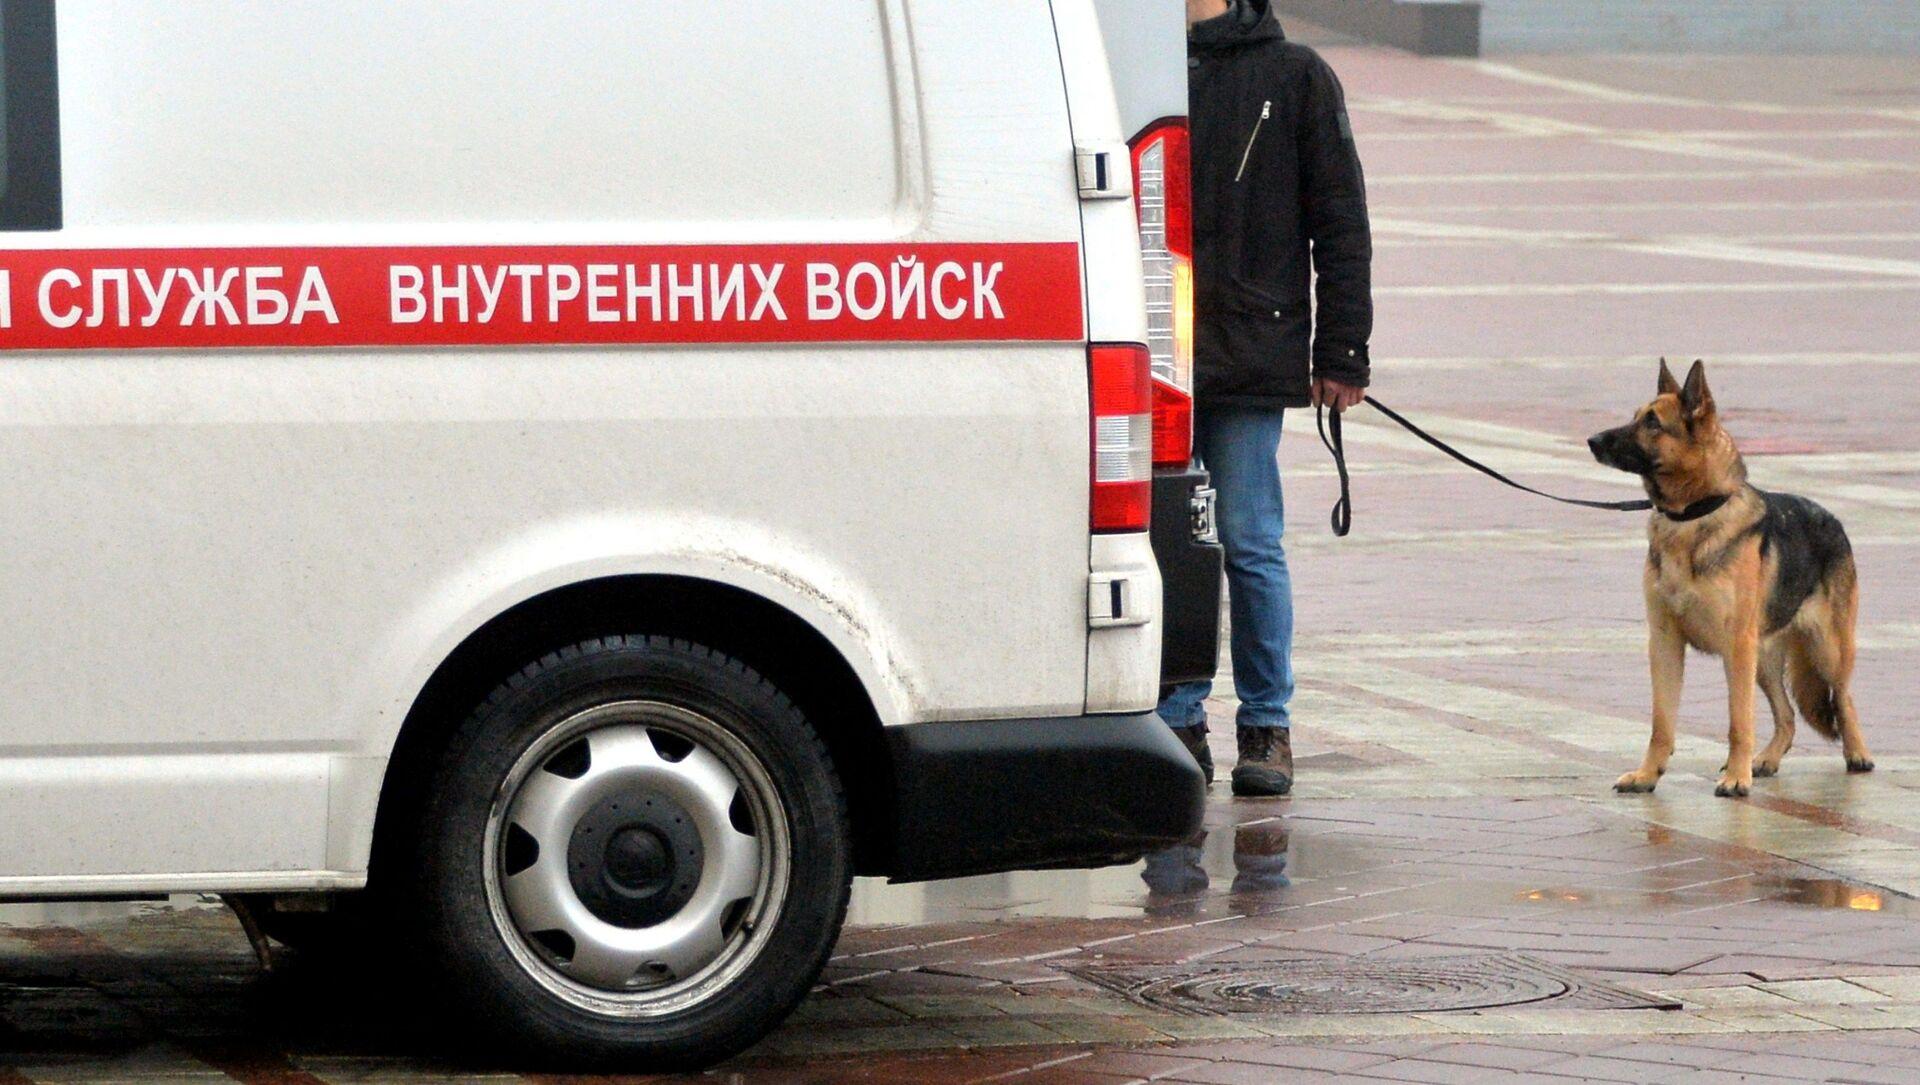 Автомобиль саперно-пиротехнической группы внутренних войск - Sputnik Беларусь, 1920, 05.05.2021